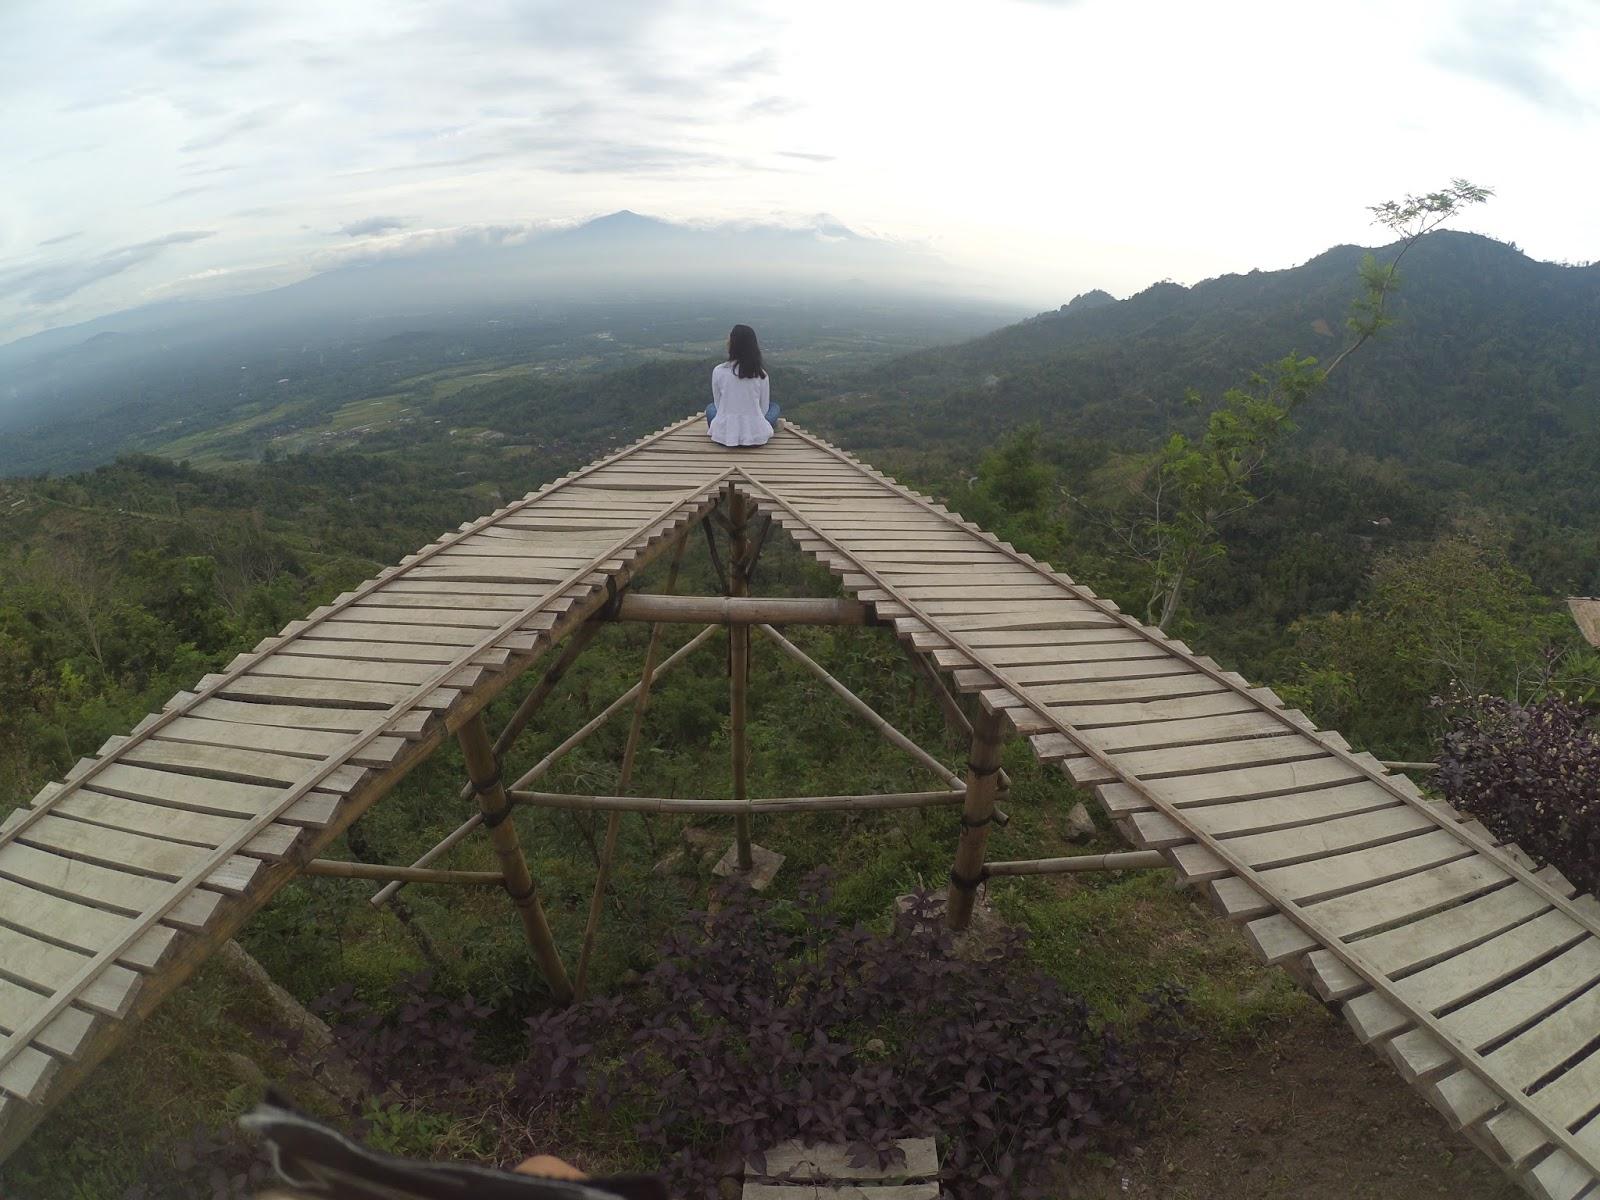 Travelling Life Punthuk Mongkrong Sukmojoyo Curuk Watuploso Giritengah Borobudur Kota